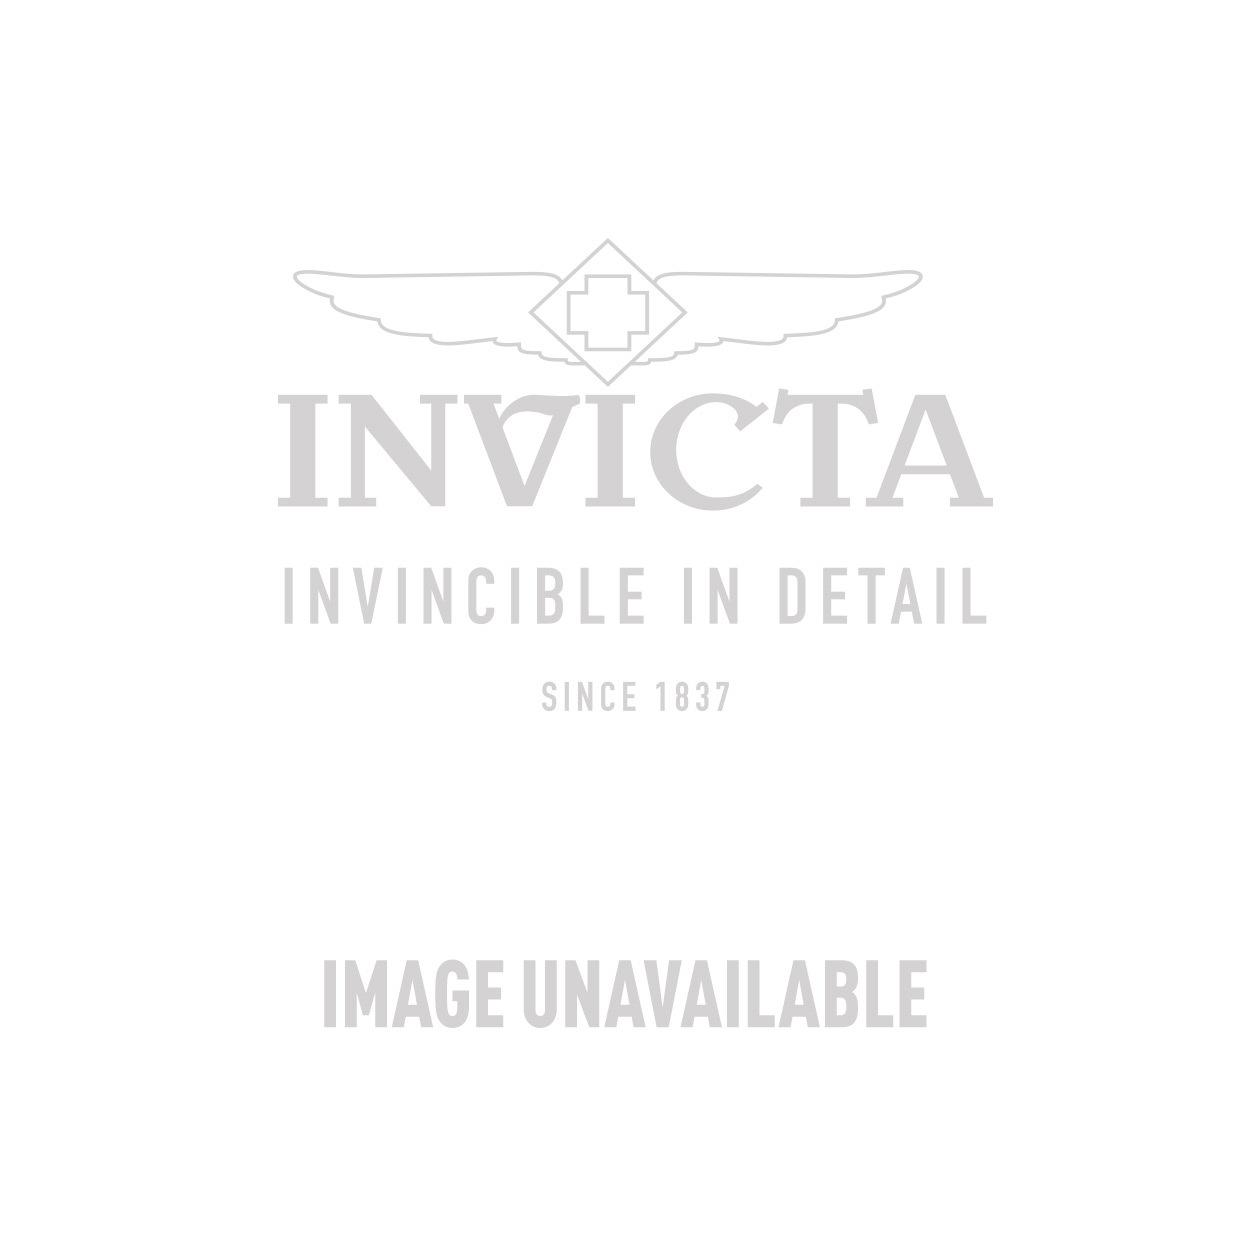 Invicta Model 25249